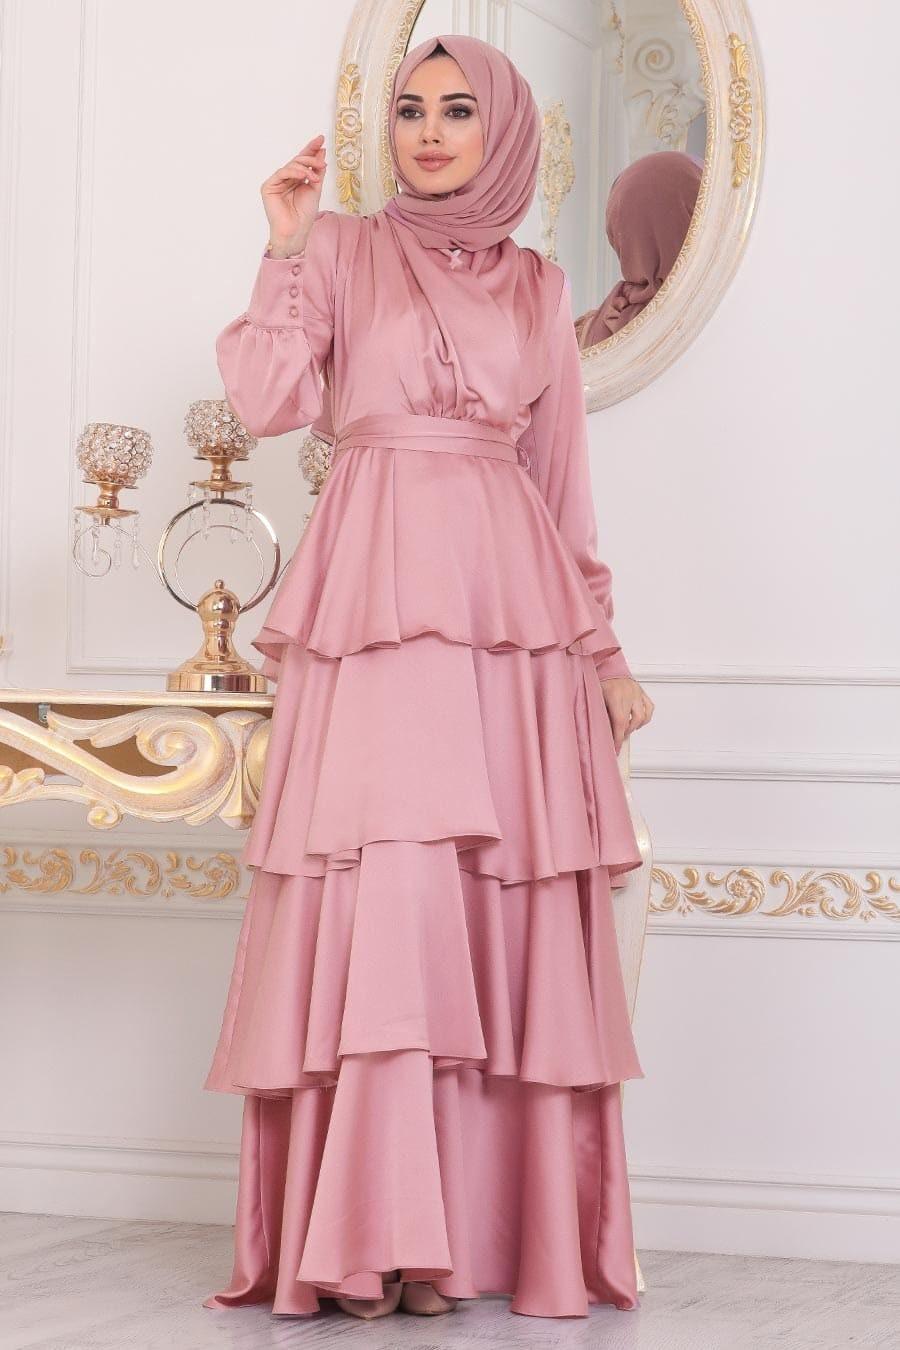 فساتين سواريه للجسم الممتلئ للمحجبات- الفساتين الطبقات